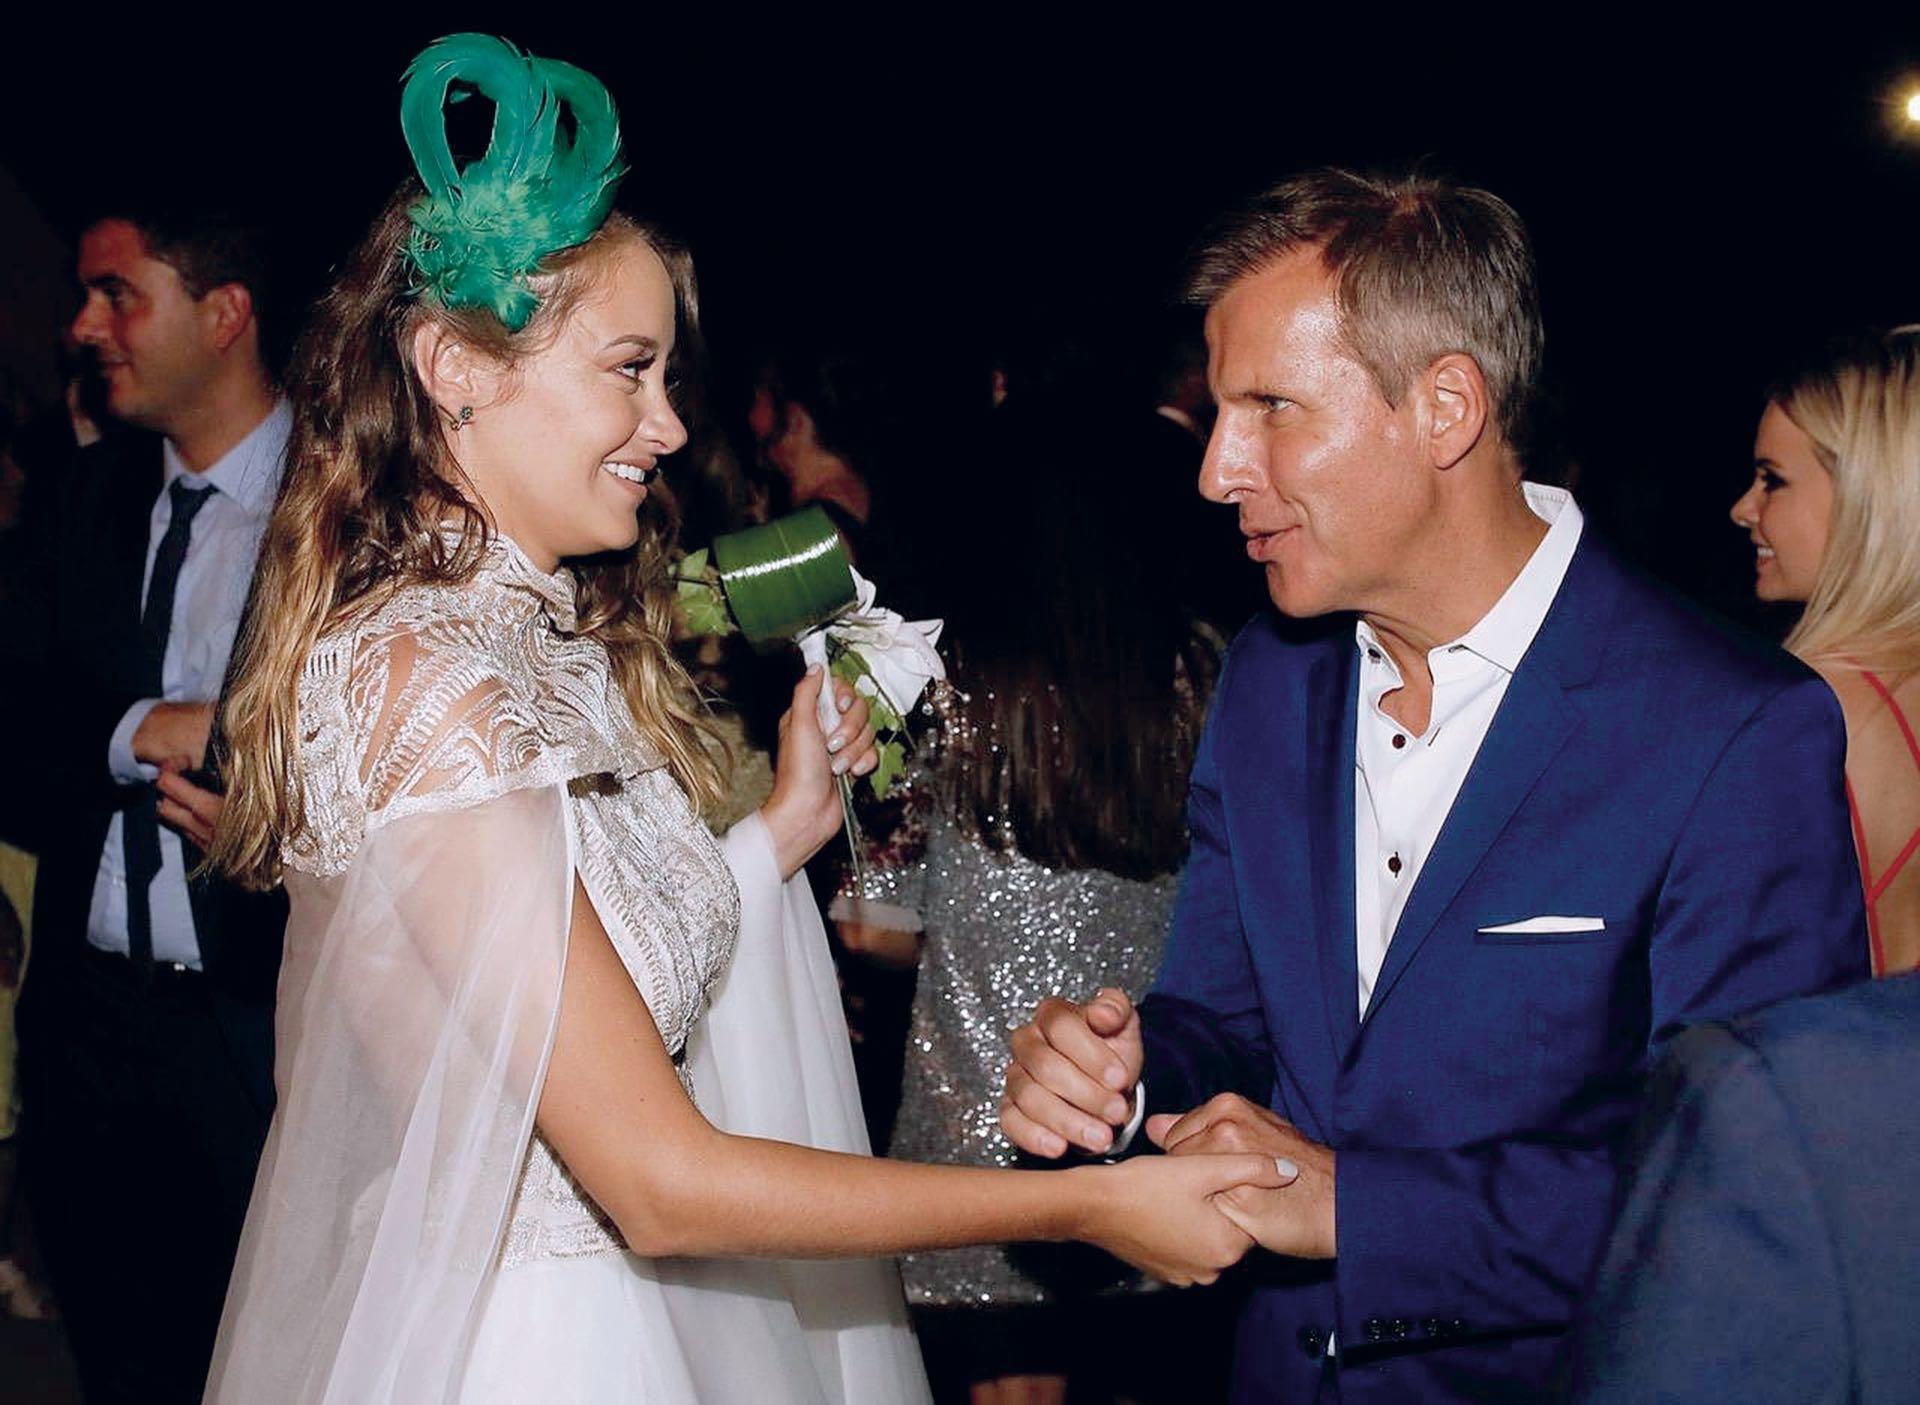 La novia, Melina Gadano, con Martín Redrado, que asistió solo. (Foto Marcelo Espinosa/GENTE)